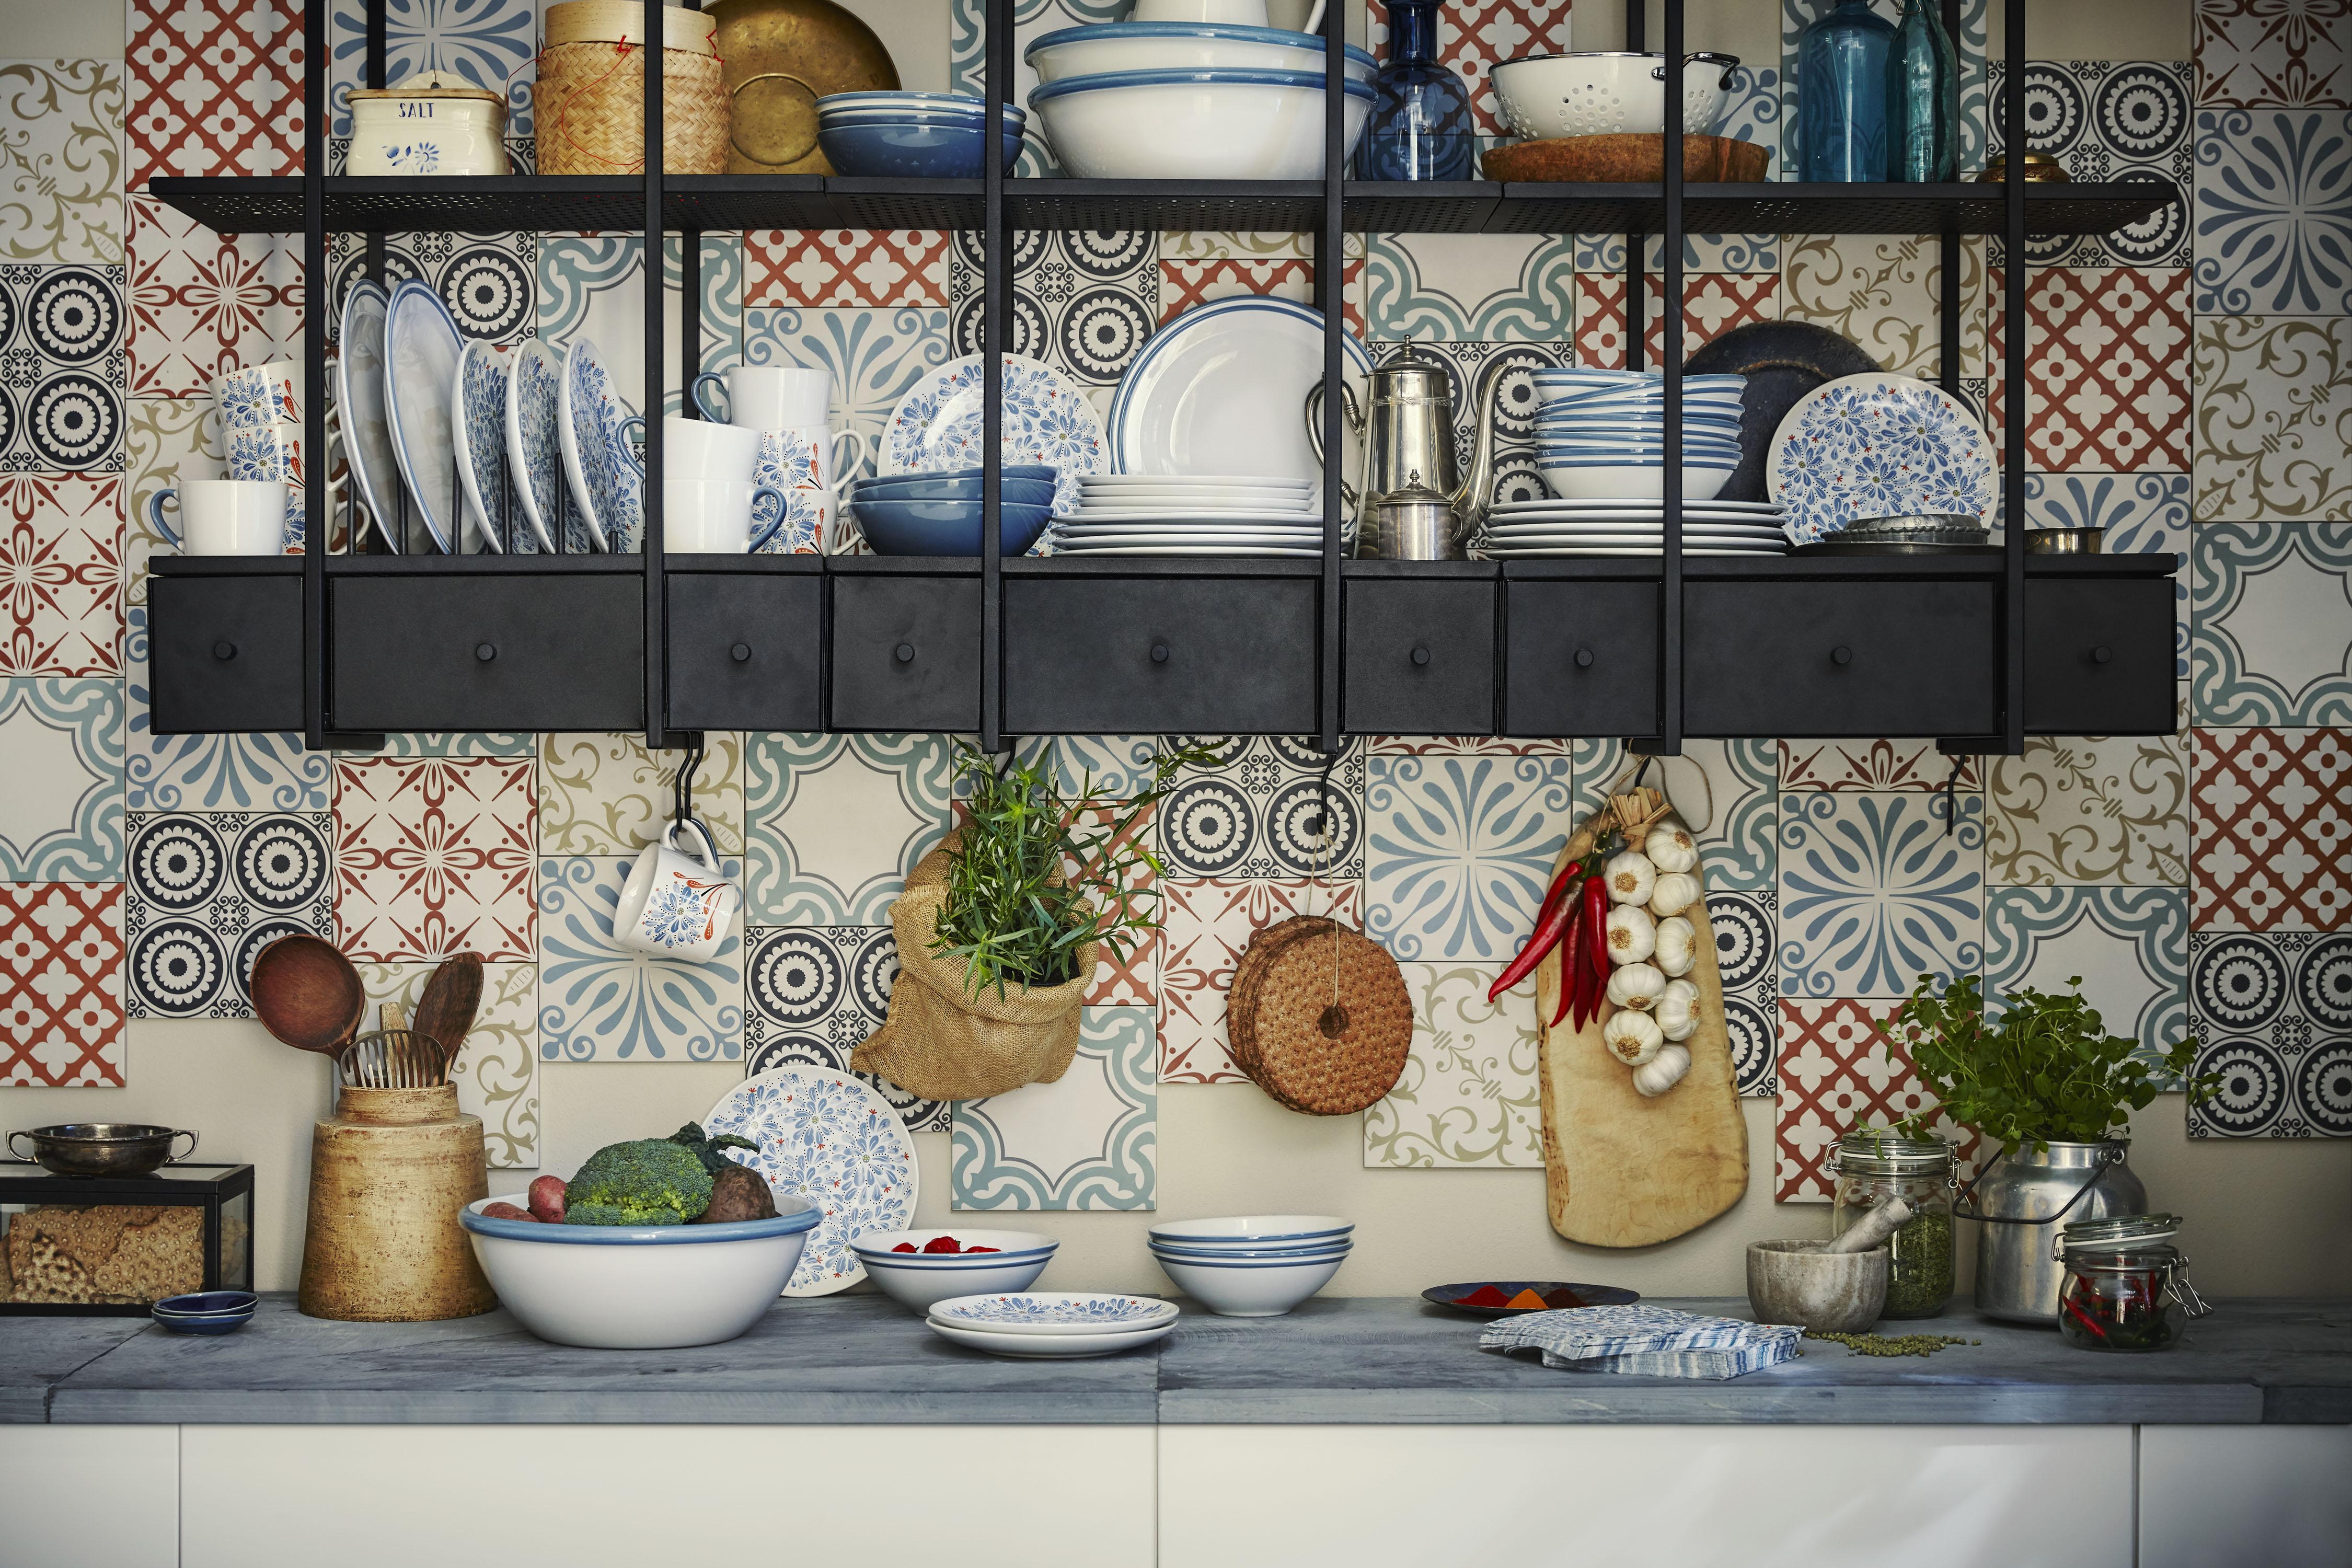 Sneak peek at IKEA's autumn collection – 30s Magazine